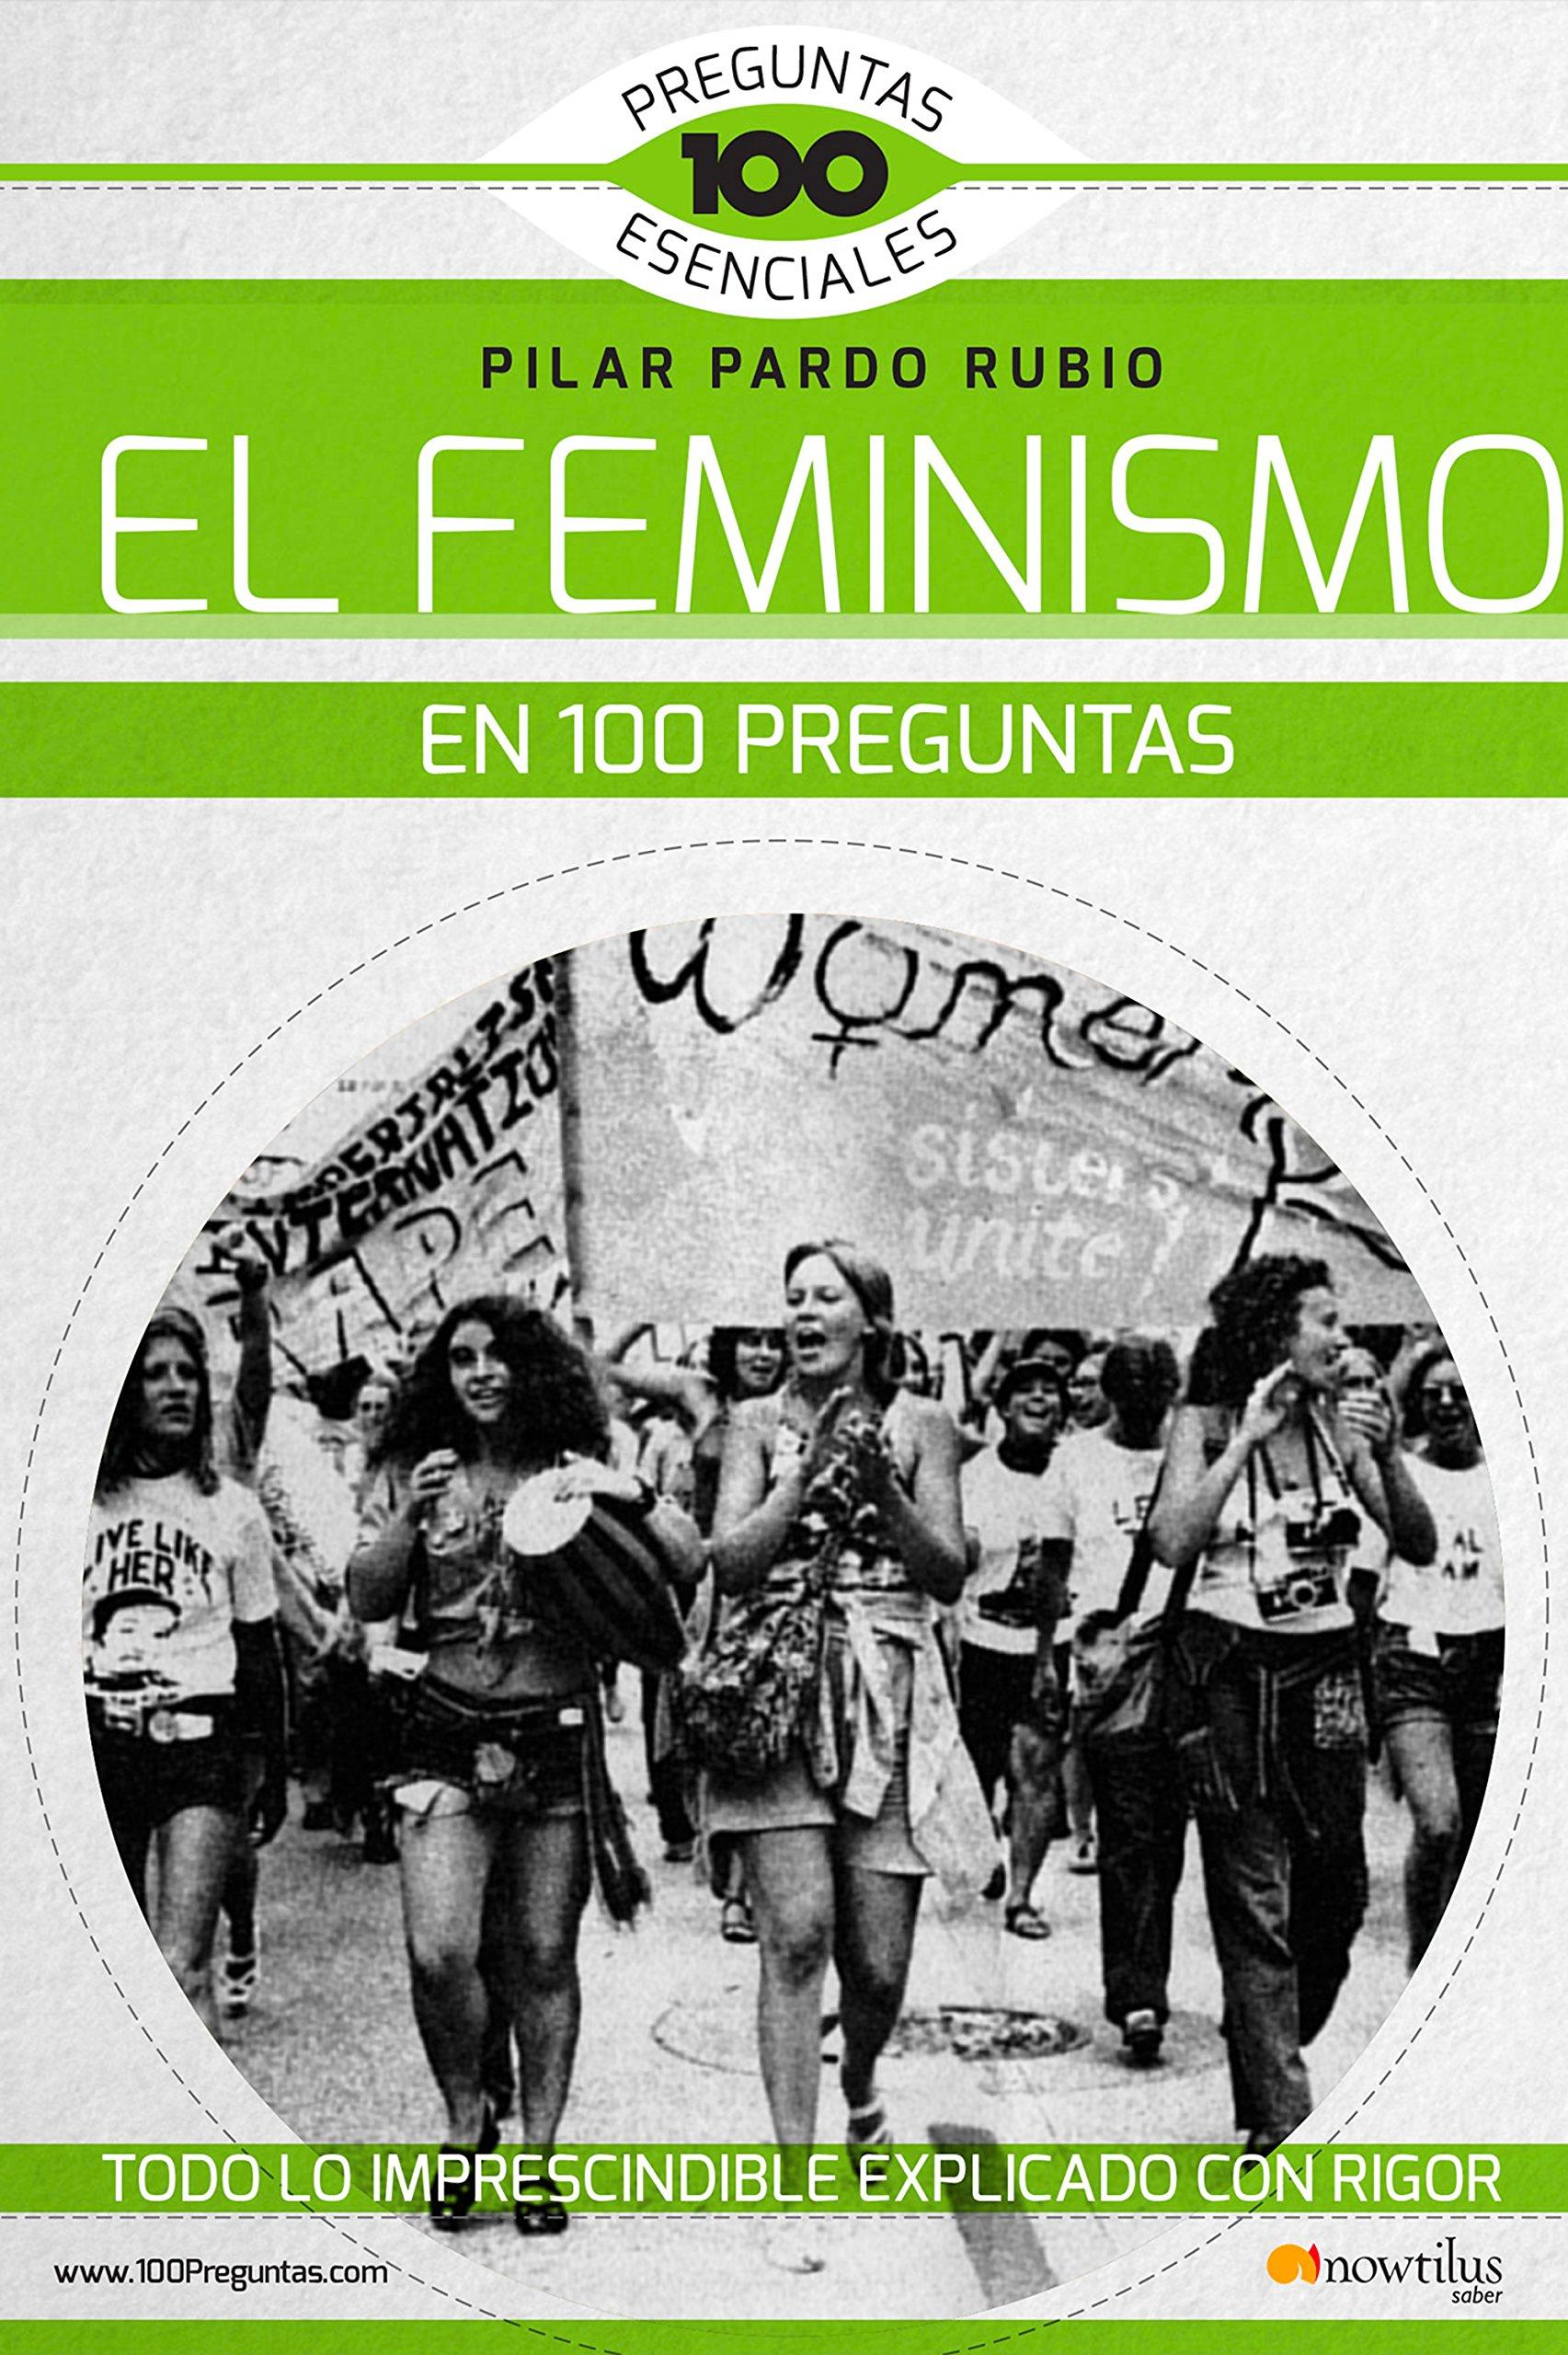 El Feminismo en 100 preguntas 100 Preguntas Esenciales: Amazon.es: Pilar Pardo Rubio: Libros